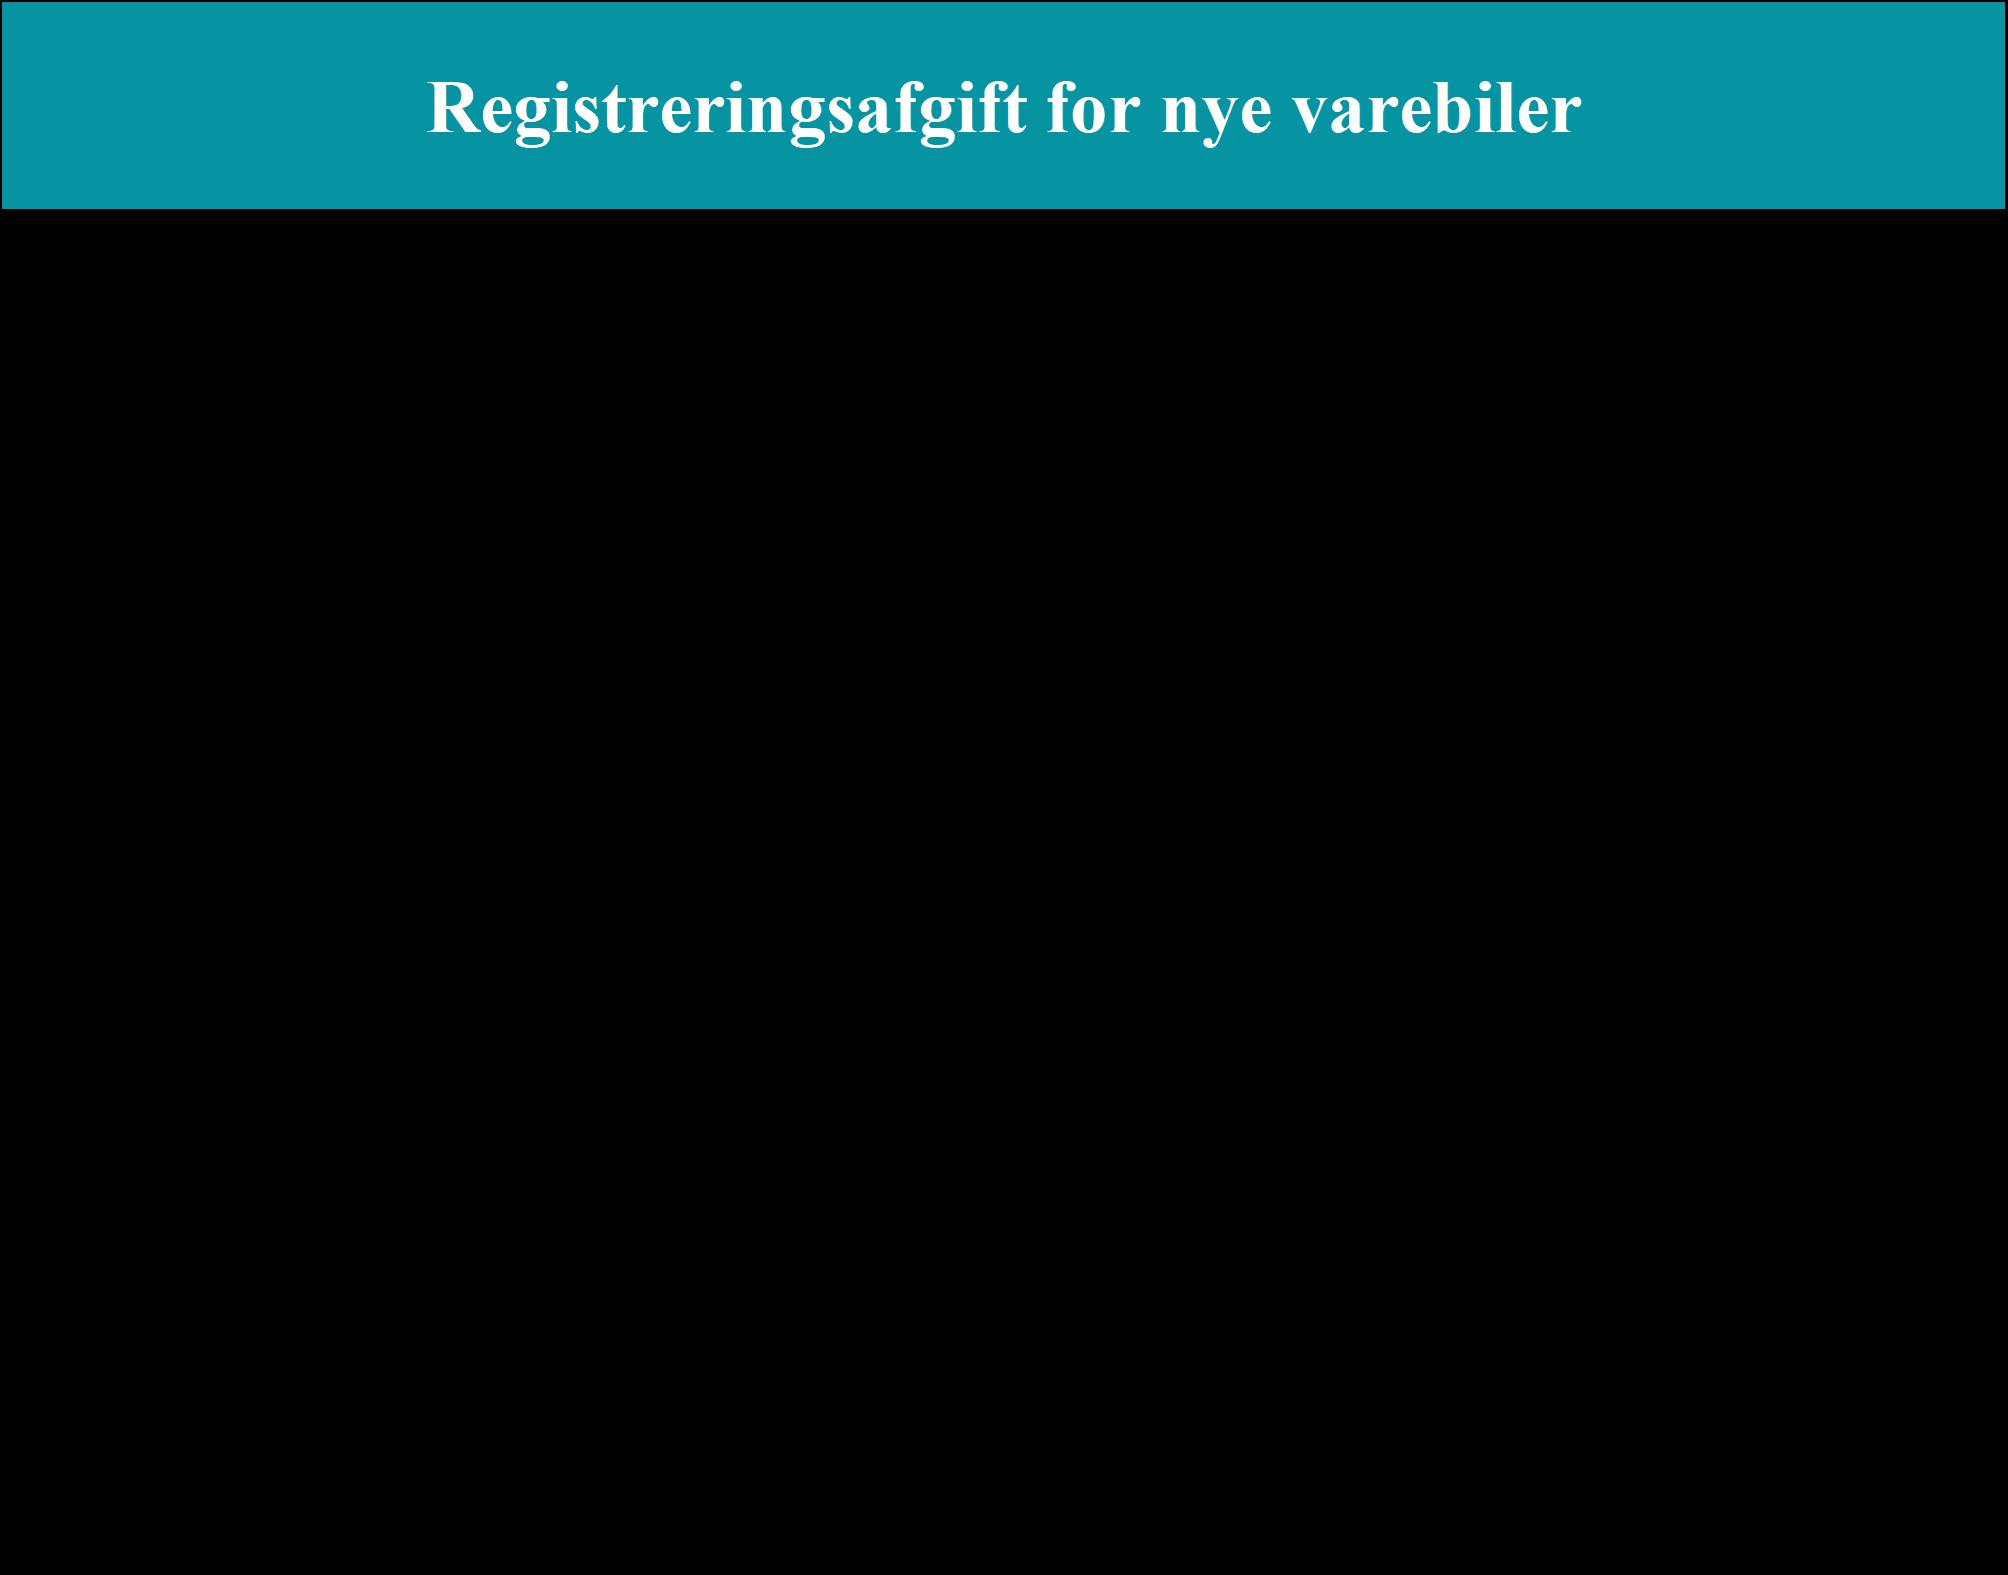 ny registreringsafgift.png